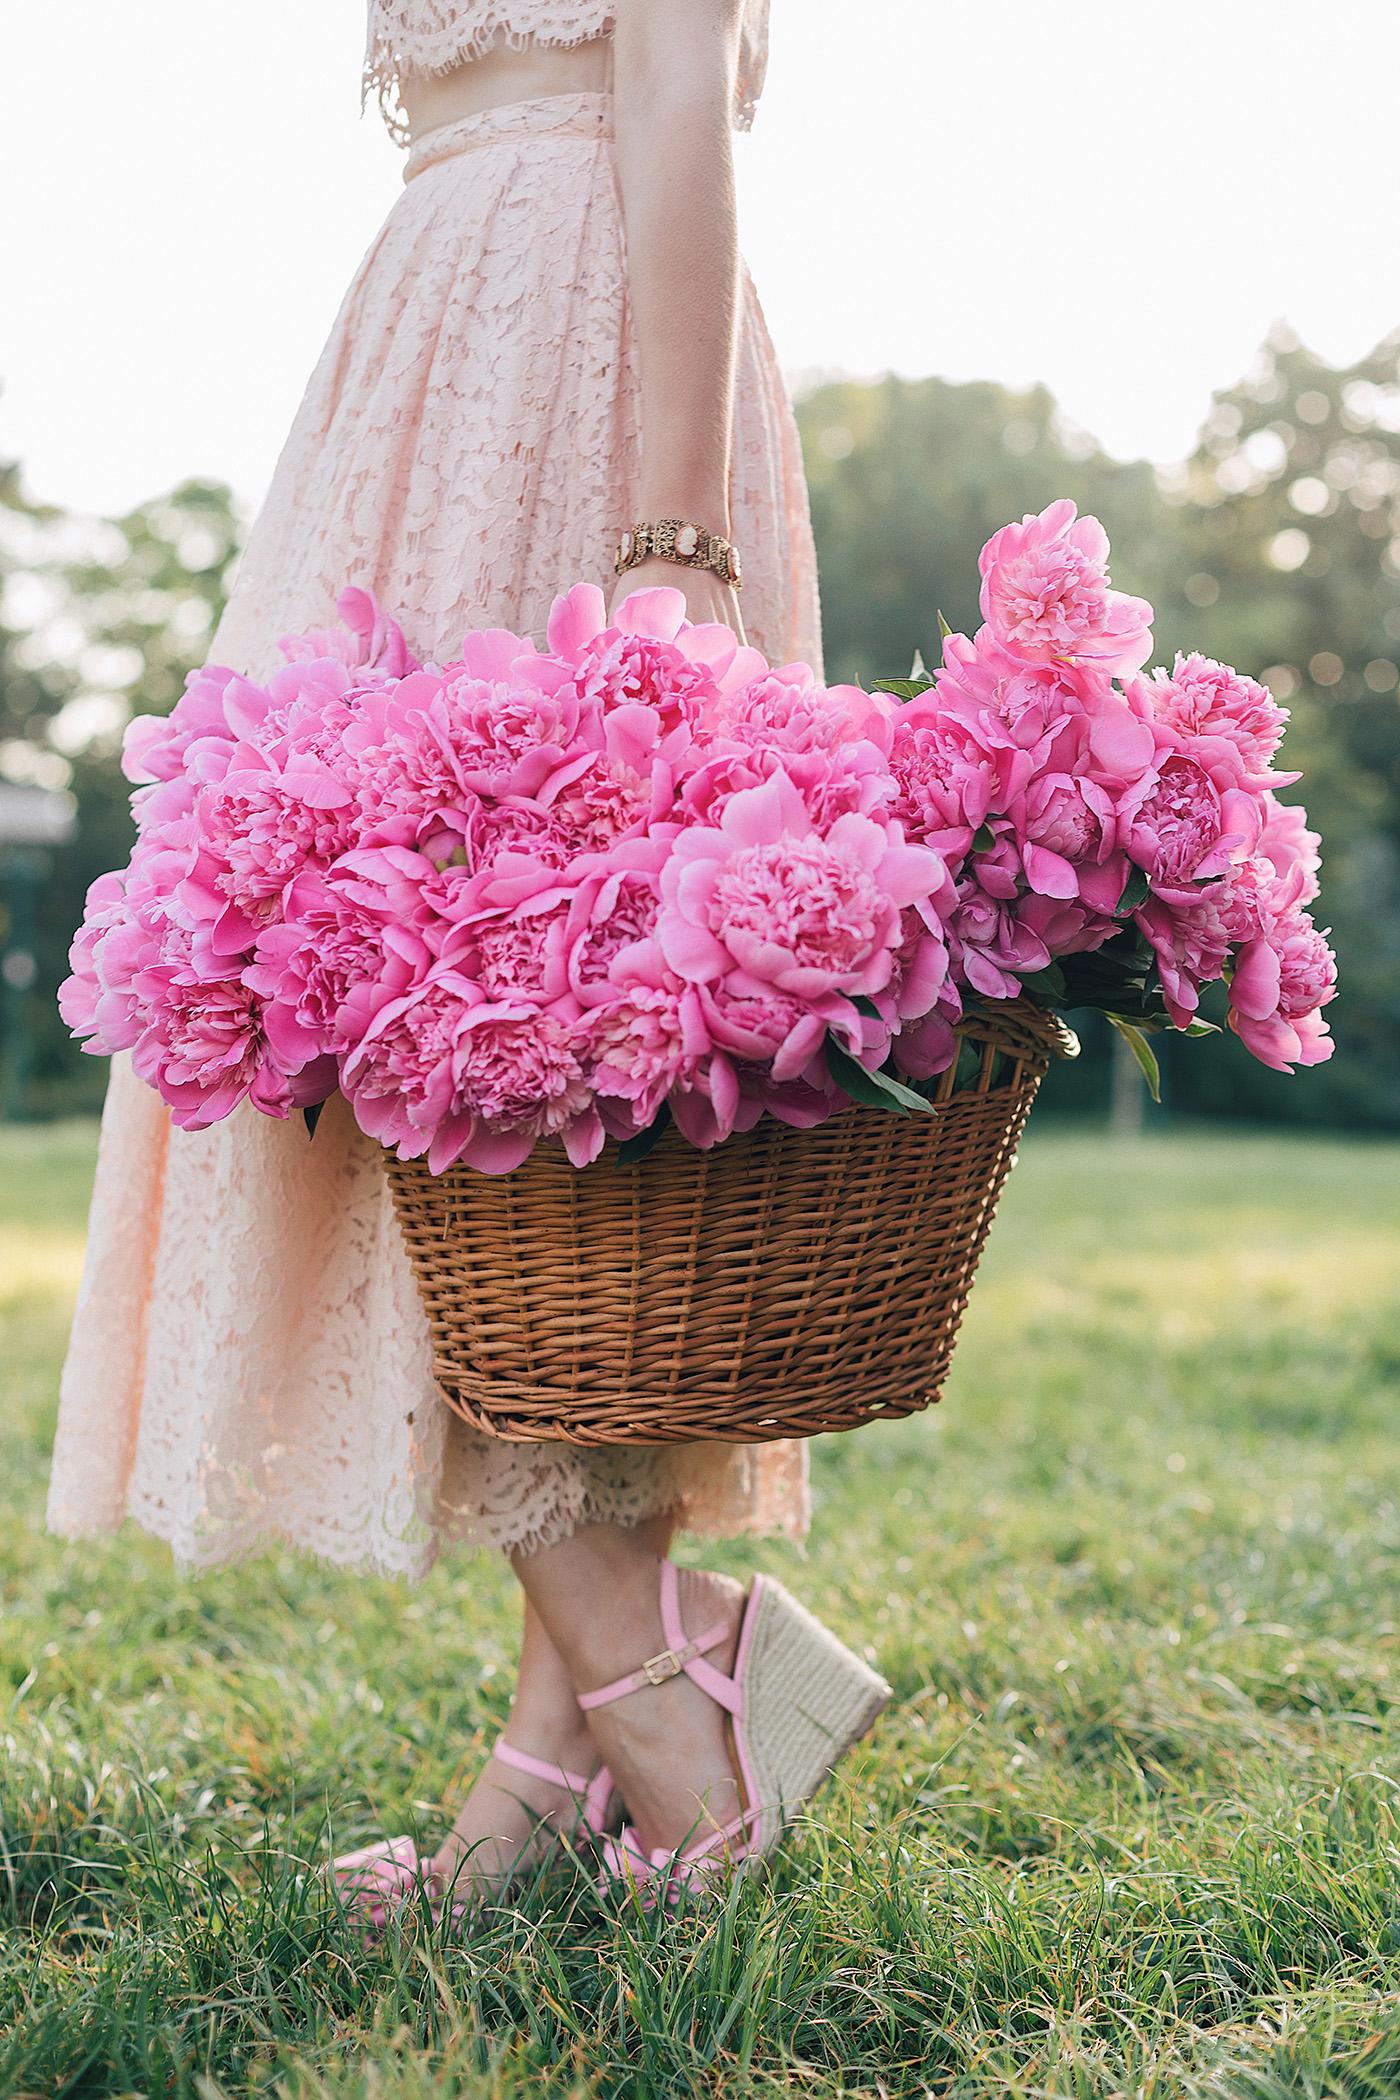 Девушка с розовыми пионами в корзине, by Andreea Balaban